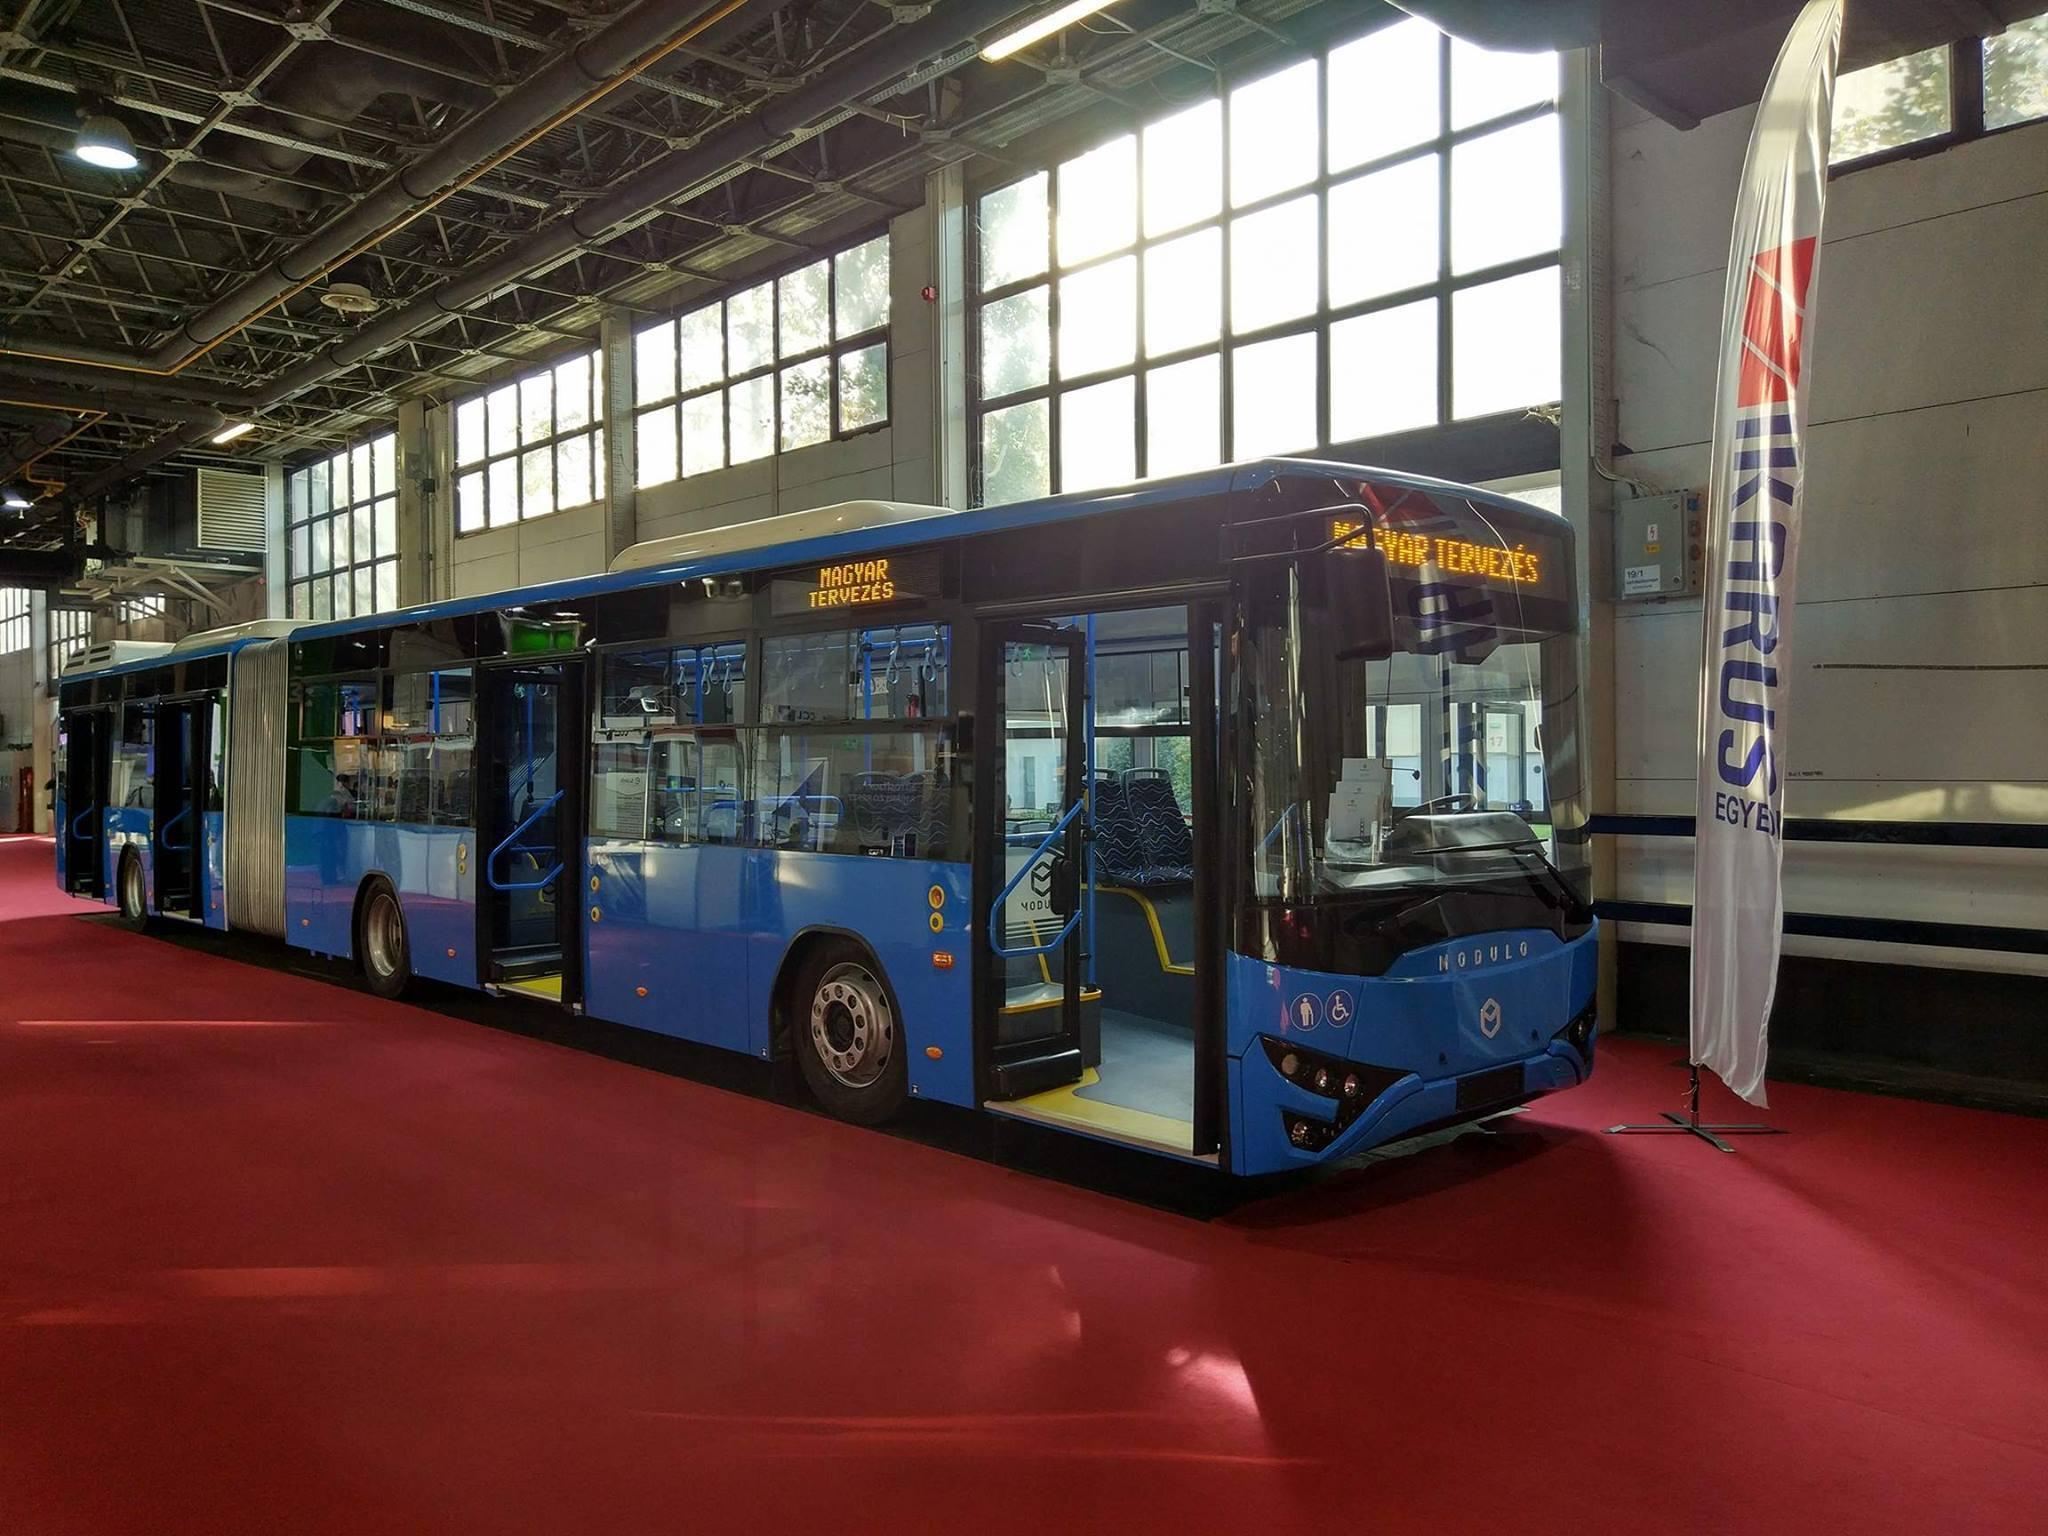 Mégsincs kész a Magyar Buszgyártási Stratégia első csuklós busza